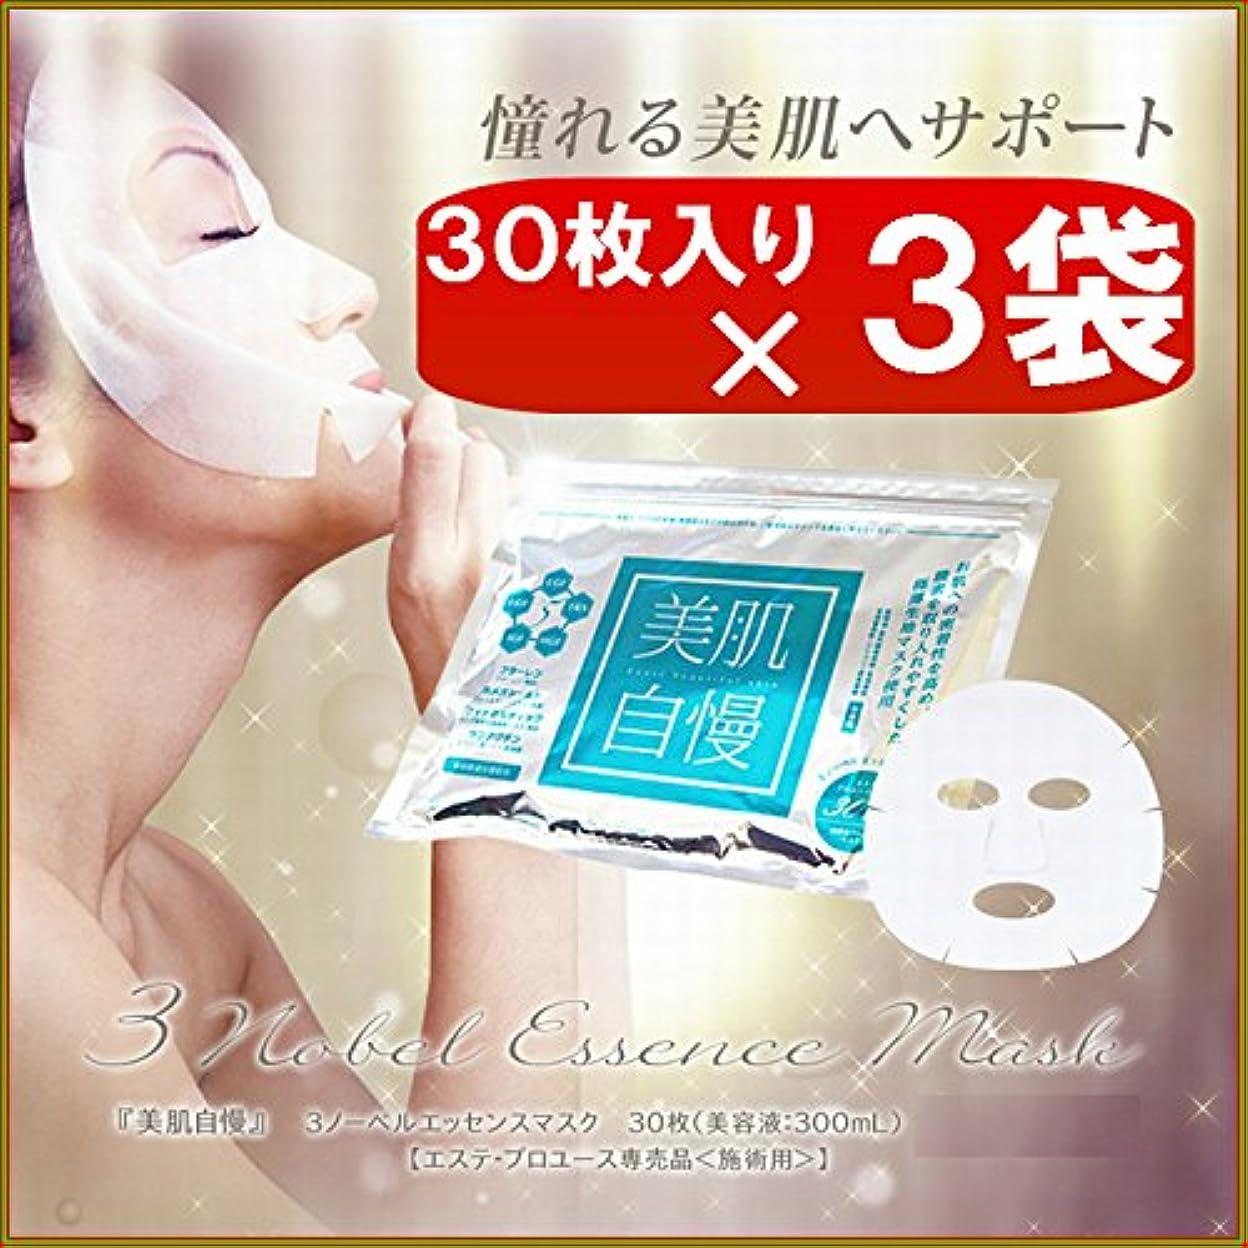 移住する機械的に更新美肌自慢フェイスマスク 30枚入り ×お得3袋セット 《エッセンスマスク、EGF、IGF、ヒアルロン酸、プラセンタ、アルブチン、カタツムリエキス、しみ、しわ》